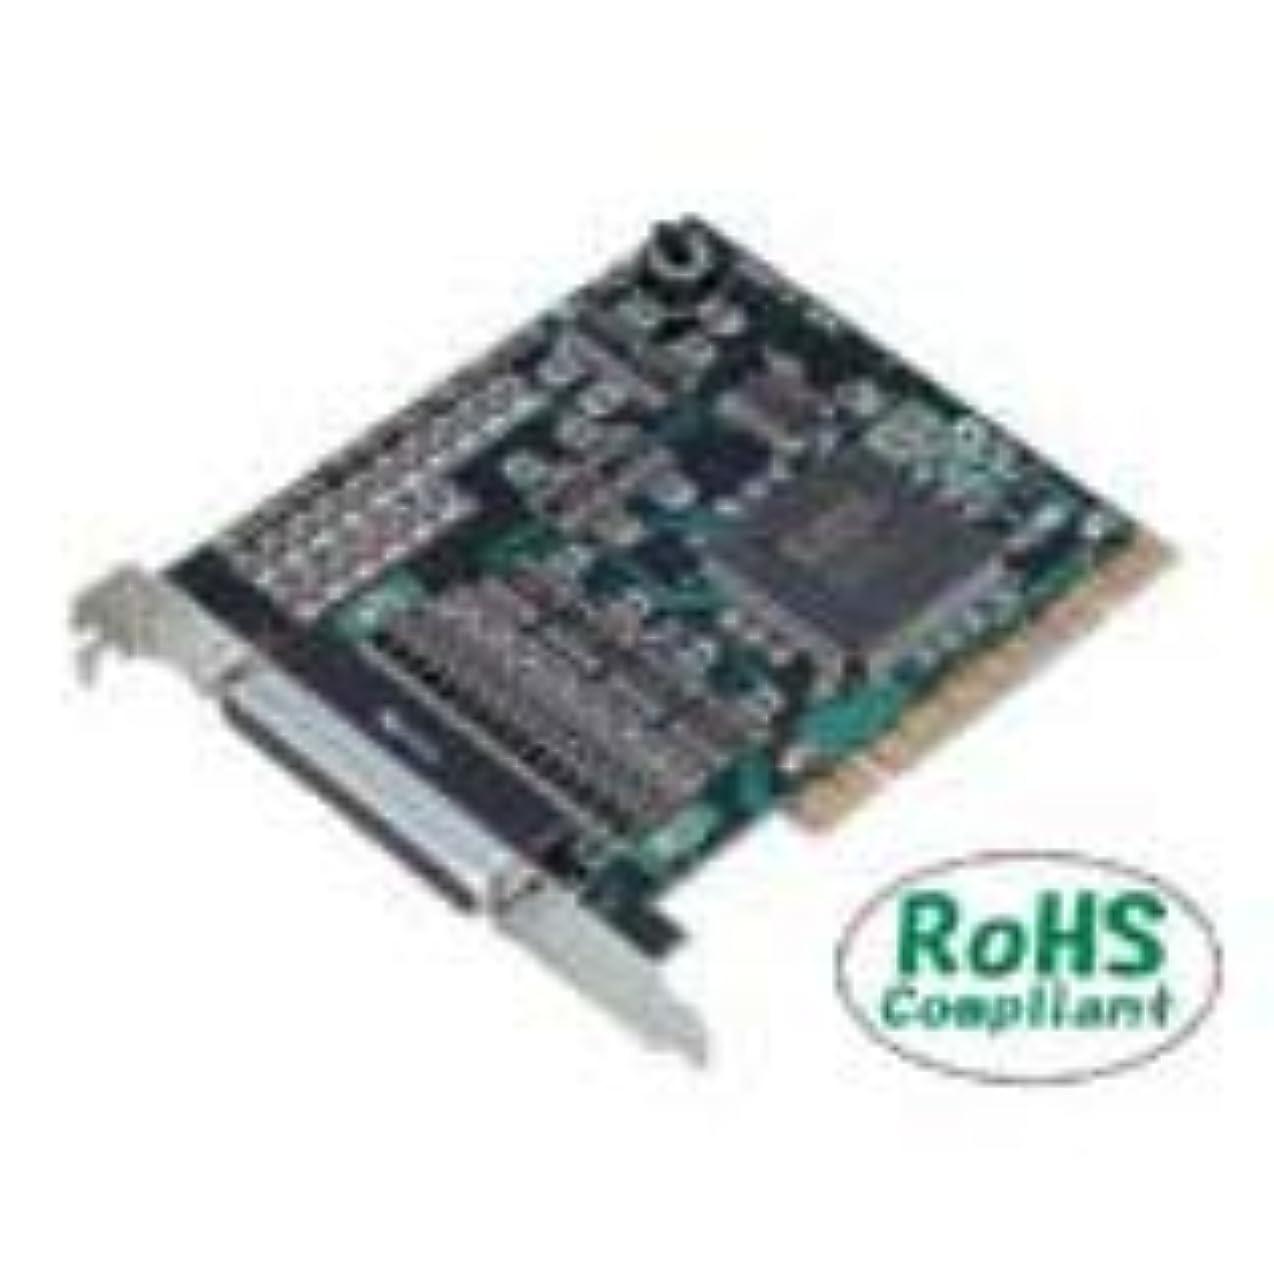 ベアリング自分除去Contec DTx Inc PIO-16/16L(PCI) H 16チャンネル入力/ 16Ch 出力オプトアイソレートデジタルI/O PCIカード PCIバス適合インターフェースボード